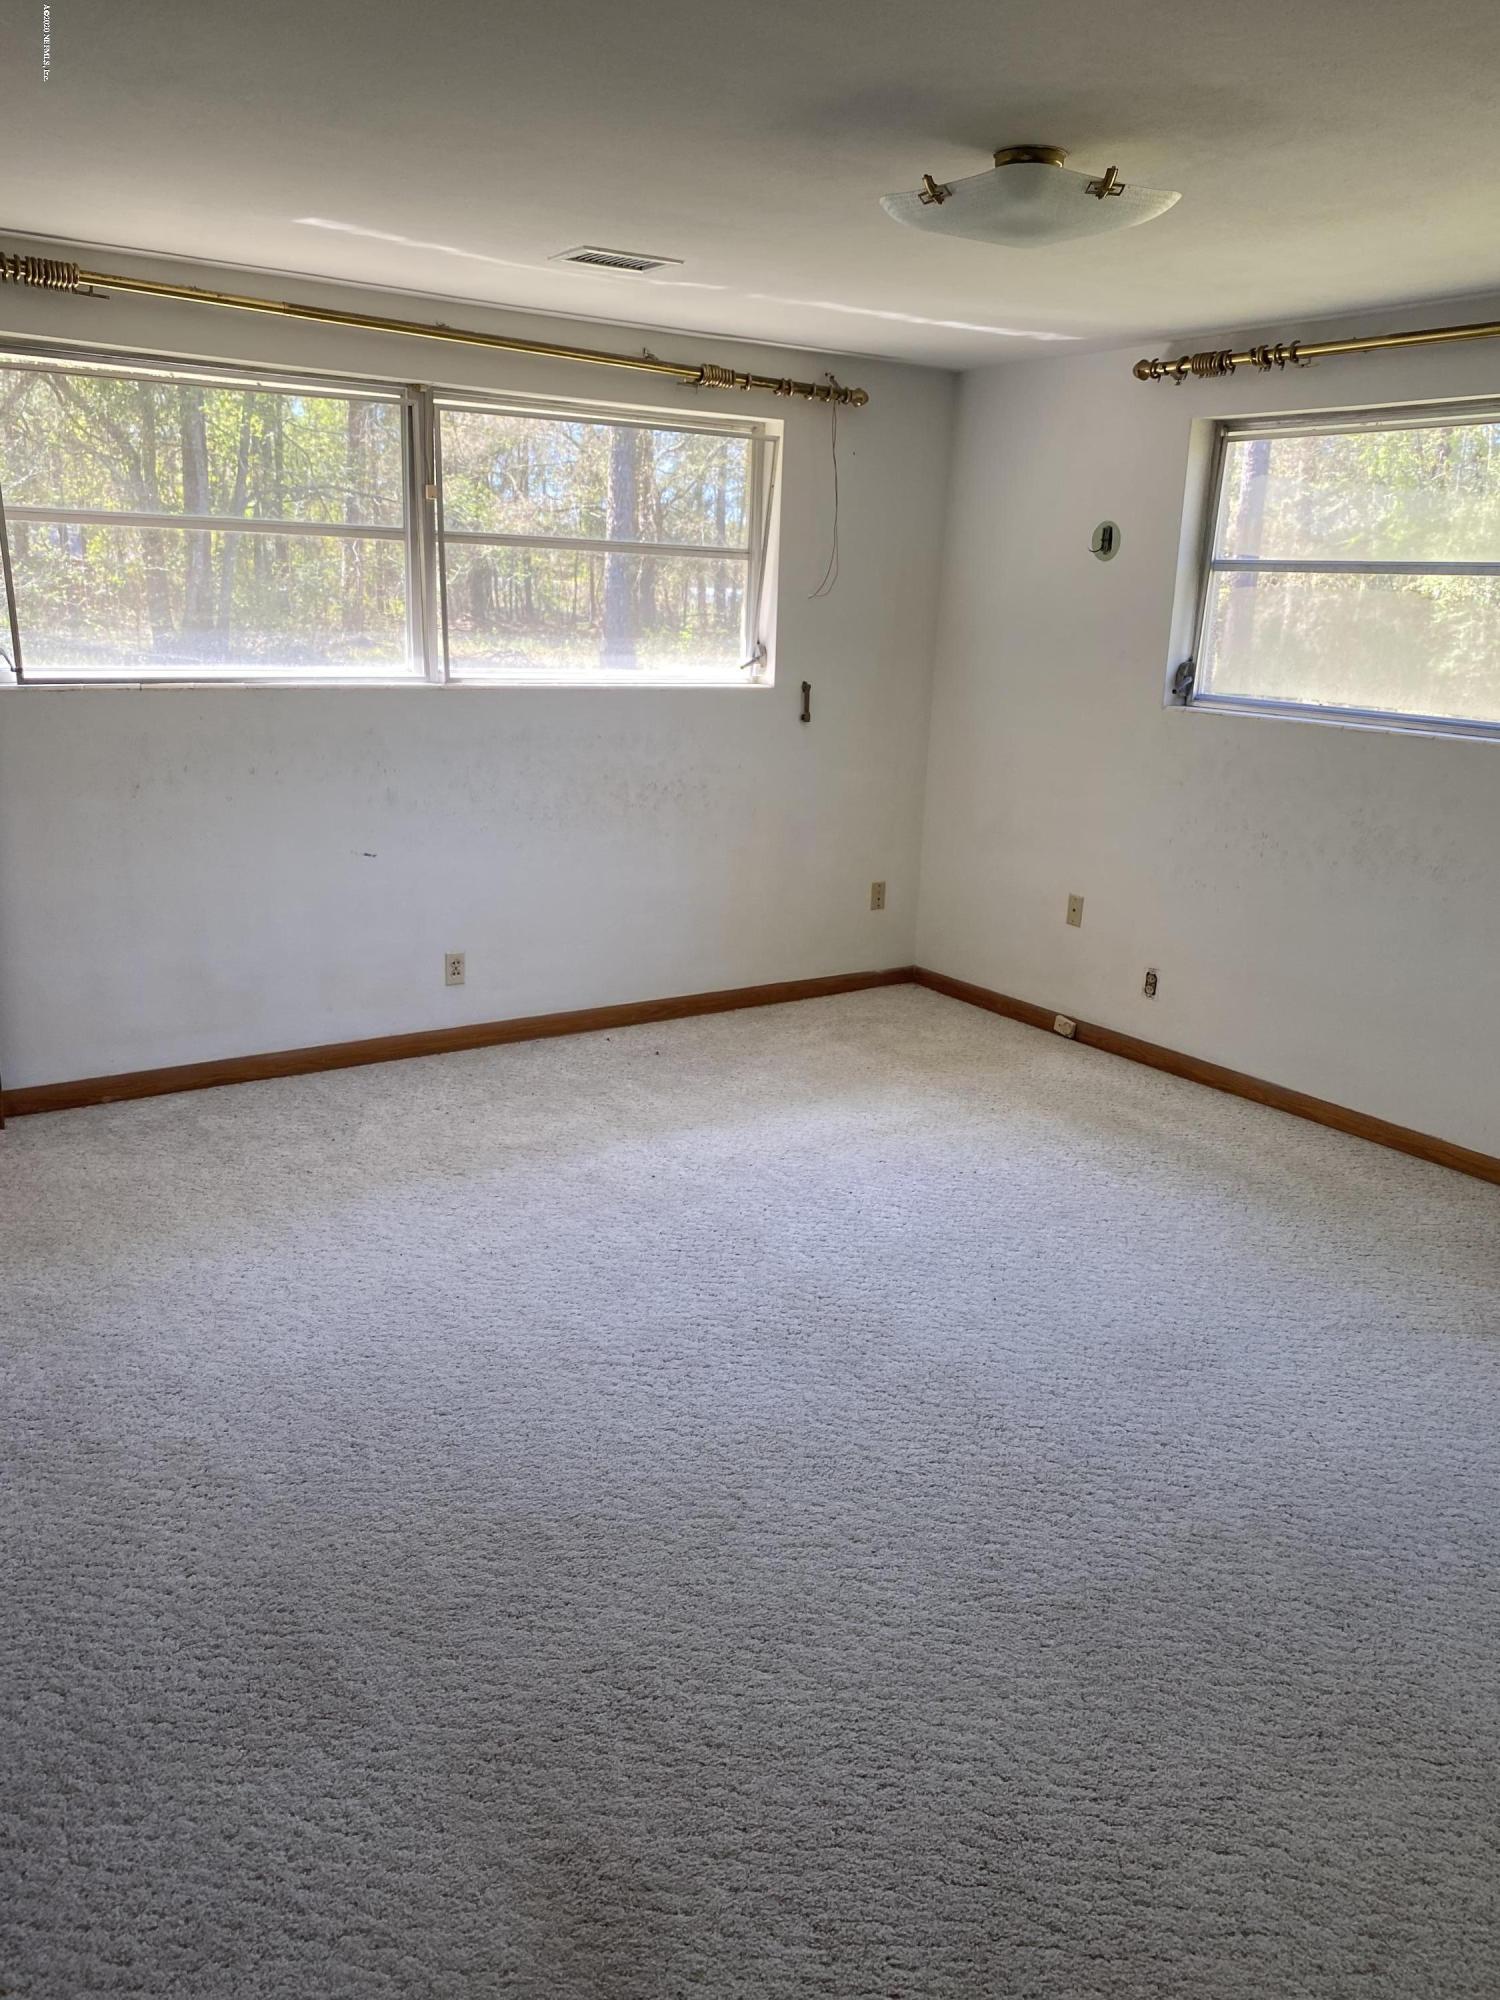 1528 BLAIR, JACKSONVILLE, FLORIDA 32221, 4 Bedrooms Bedrooms, ,4 BathroomsBathrooms,Residential,For sale,BLAIR,1044850